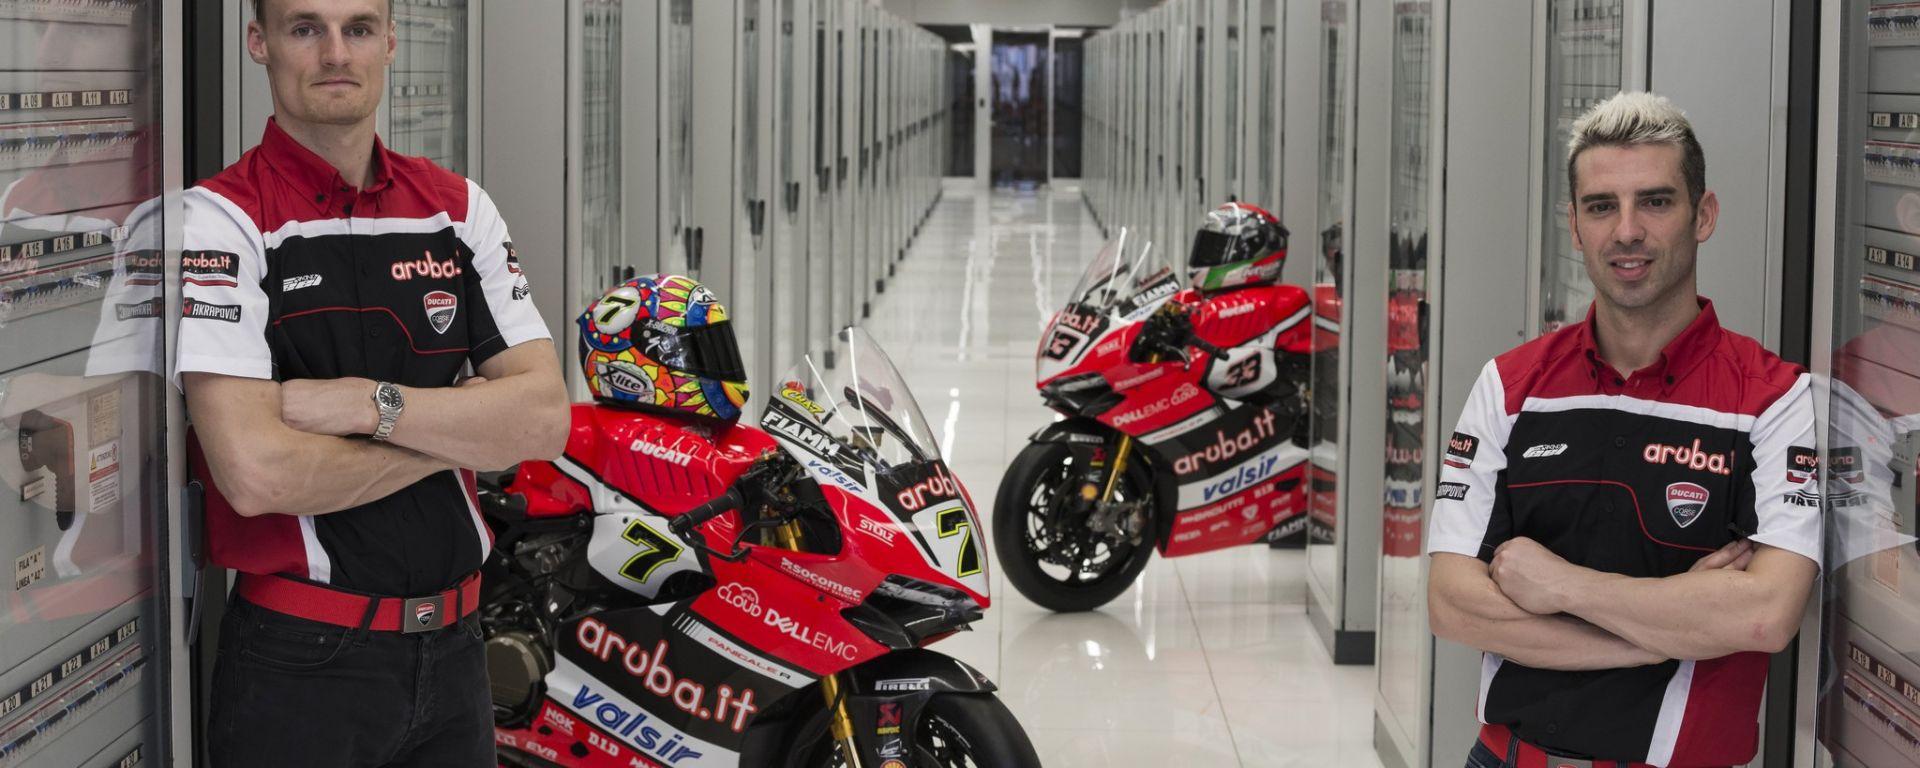 SBK 2017: Presentazione Aruba.it Racing Ducati Superbike team